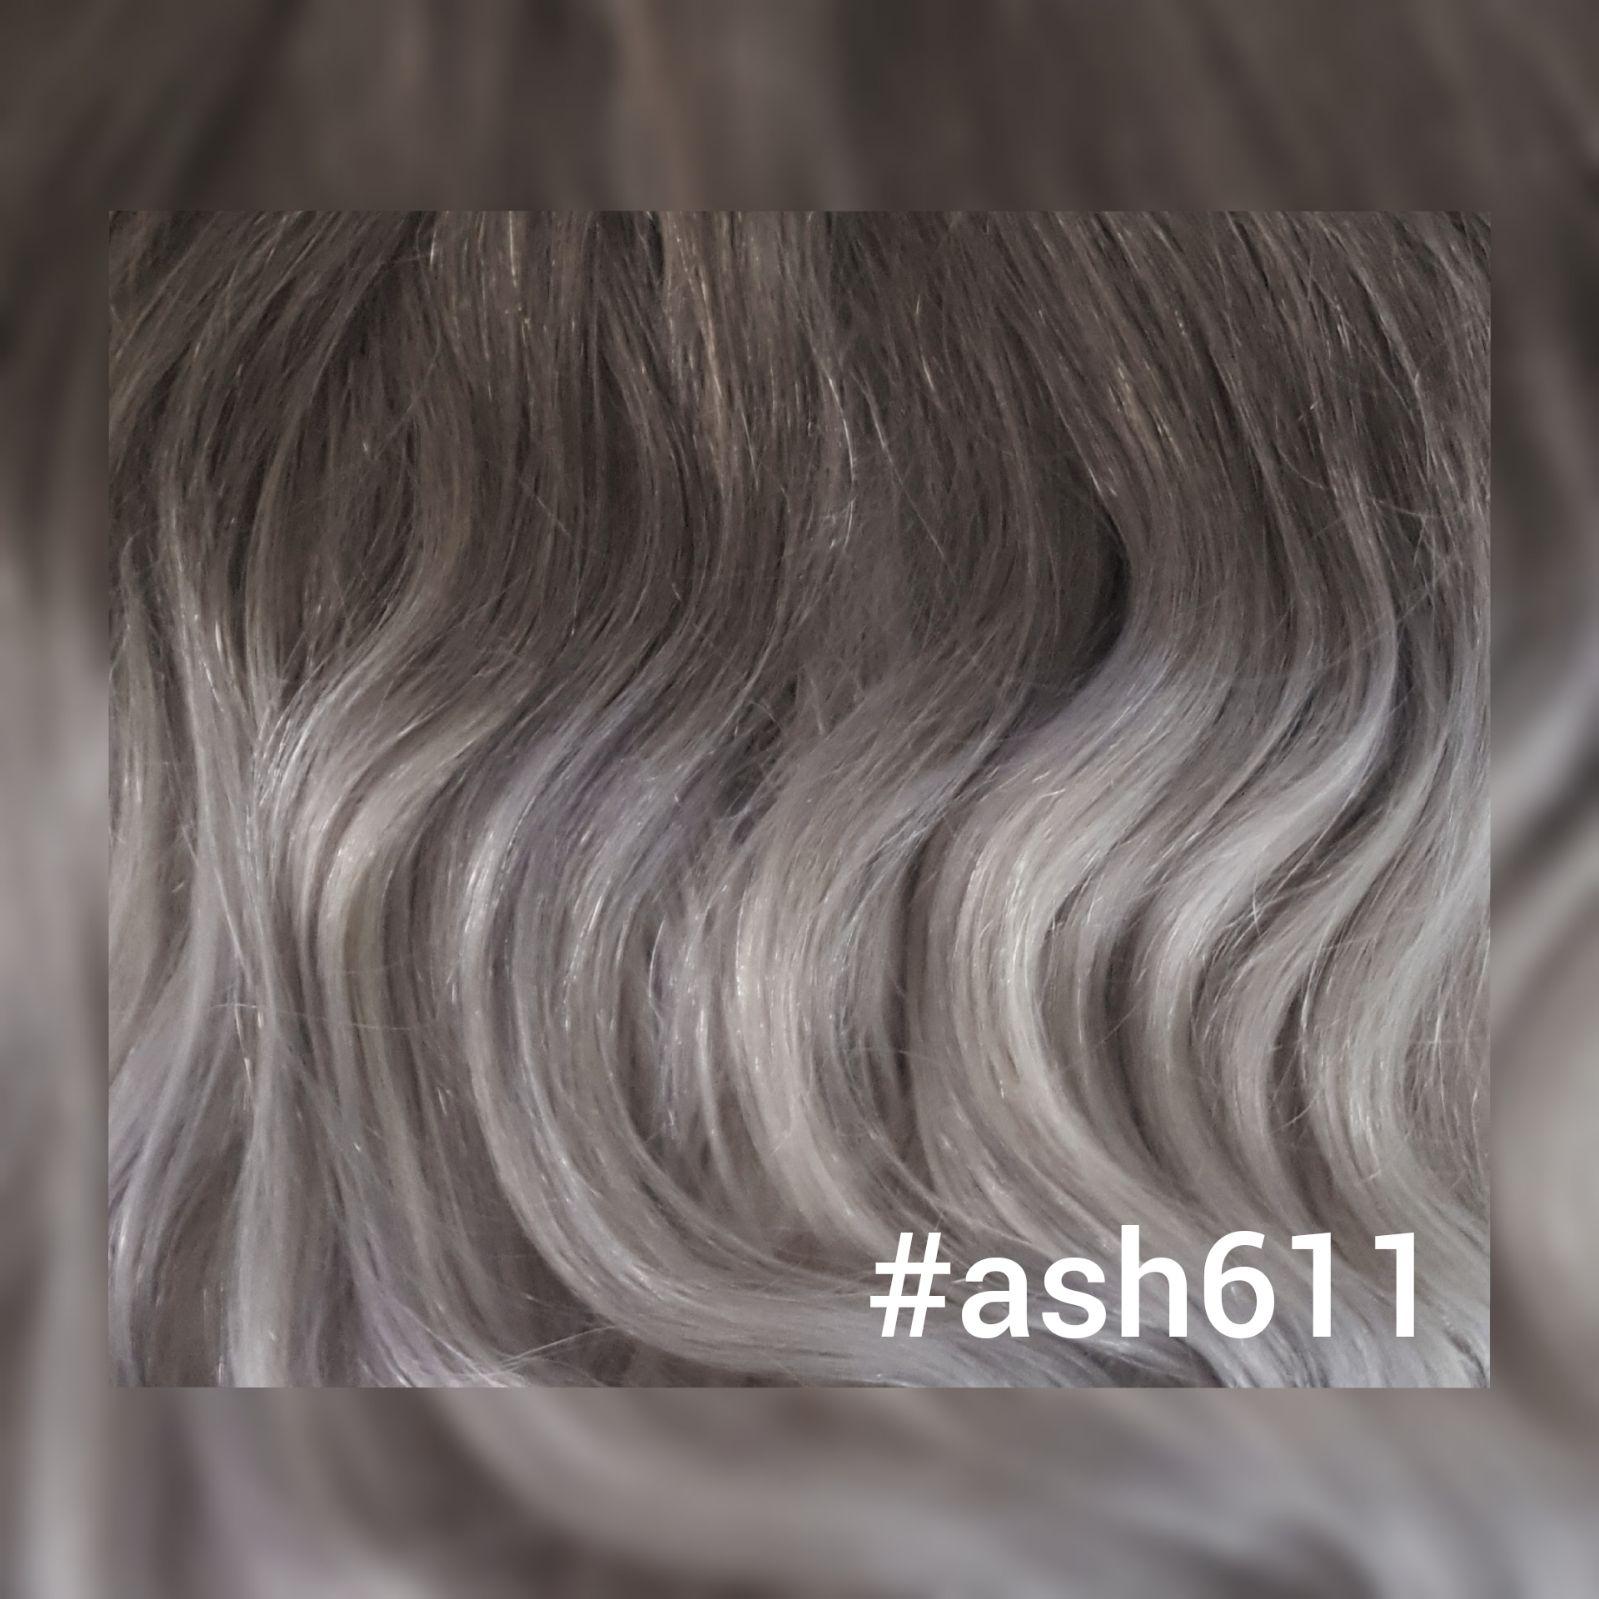 Bighair kleur Ash:611